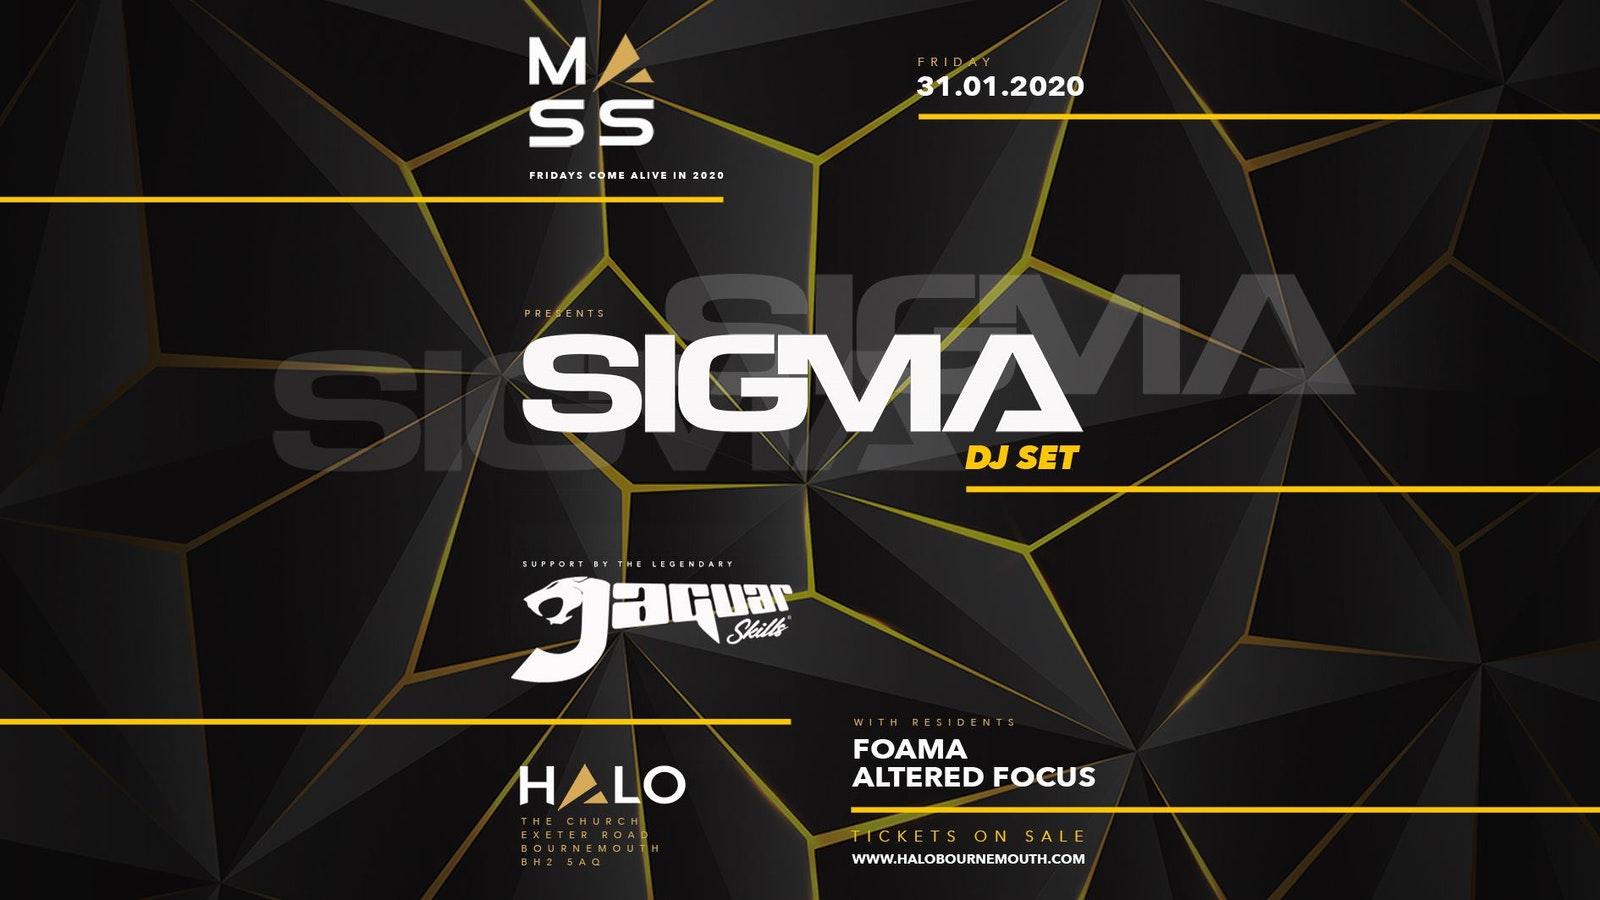 M A S S Presents Sigma & Jaguar Skills